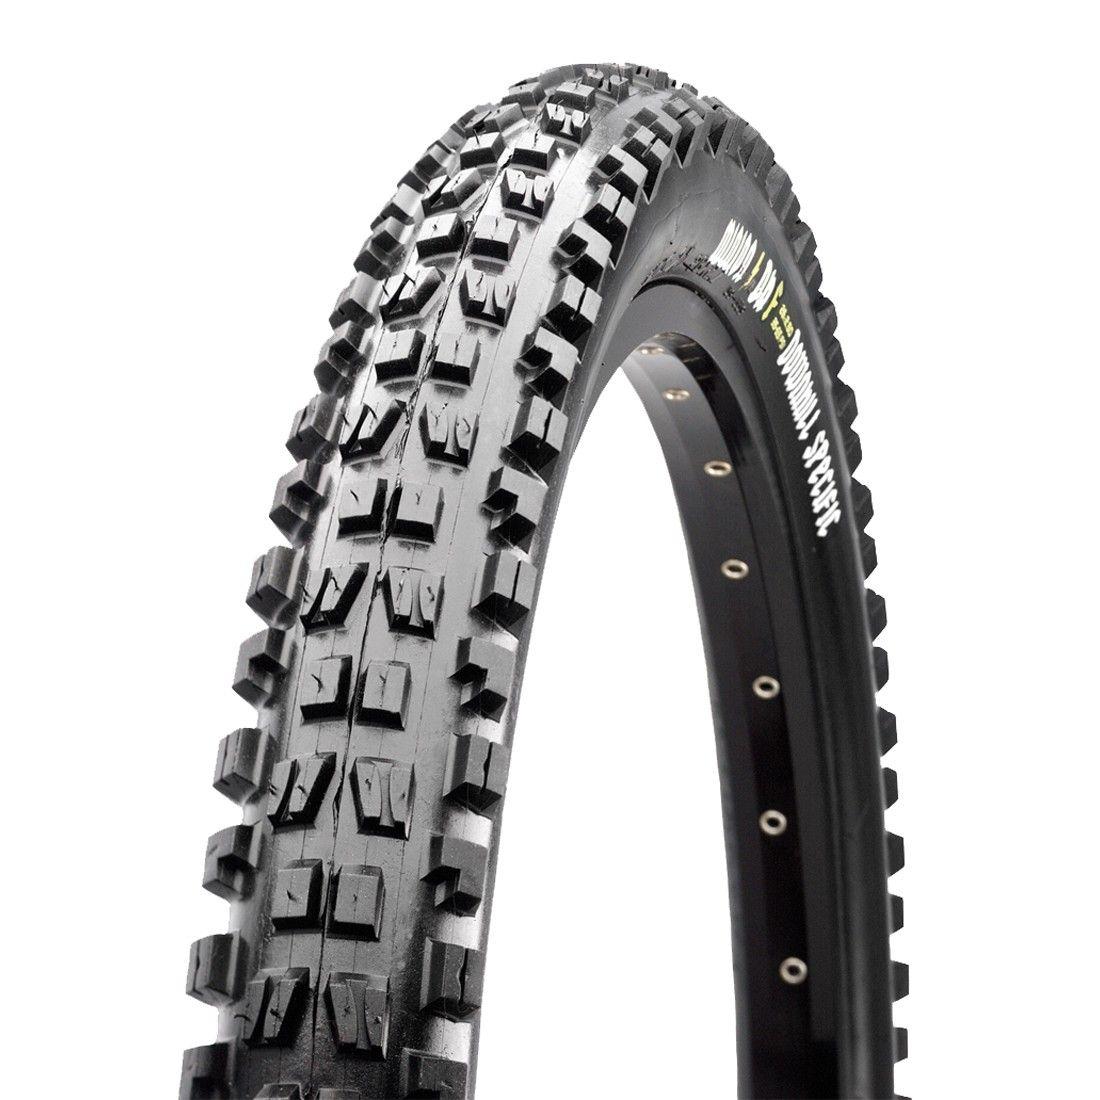 MINION DHF 27,5x2,50 Copertone Maxxis Downhill 2-Ply Butyl Super Tacky Rigido  TB85976100